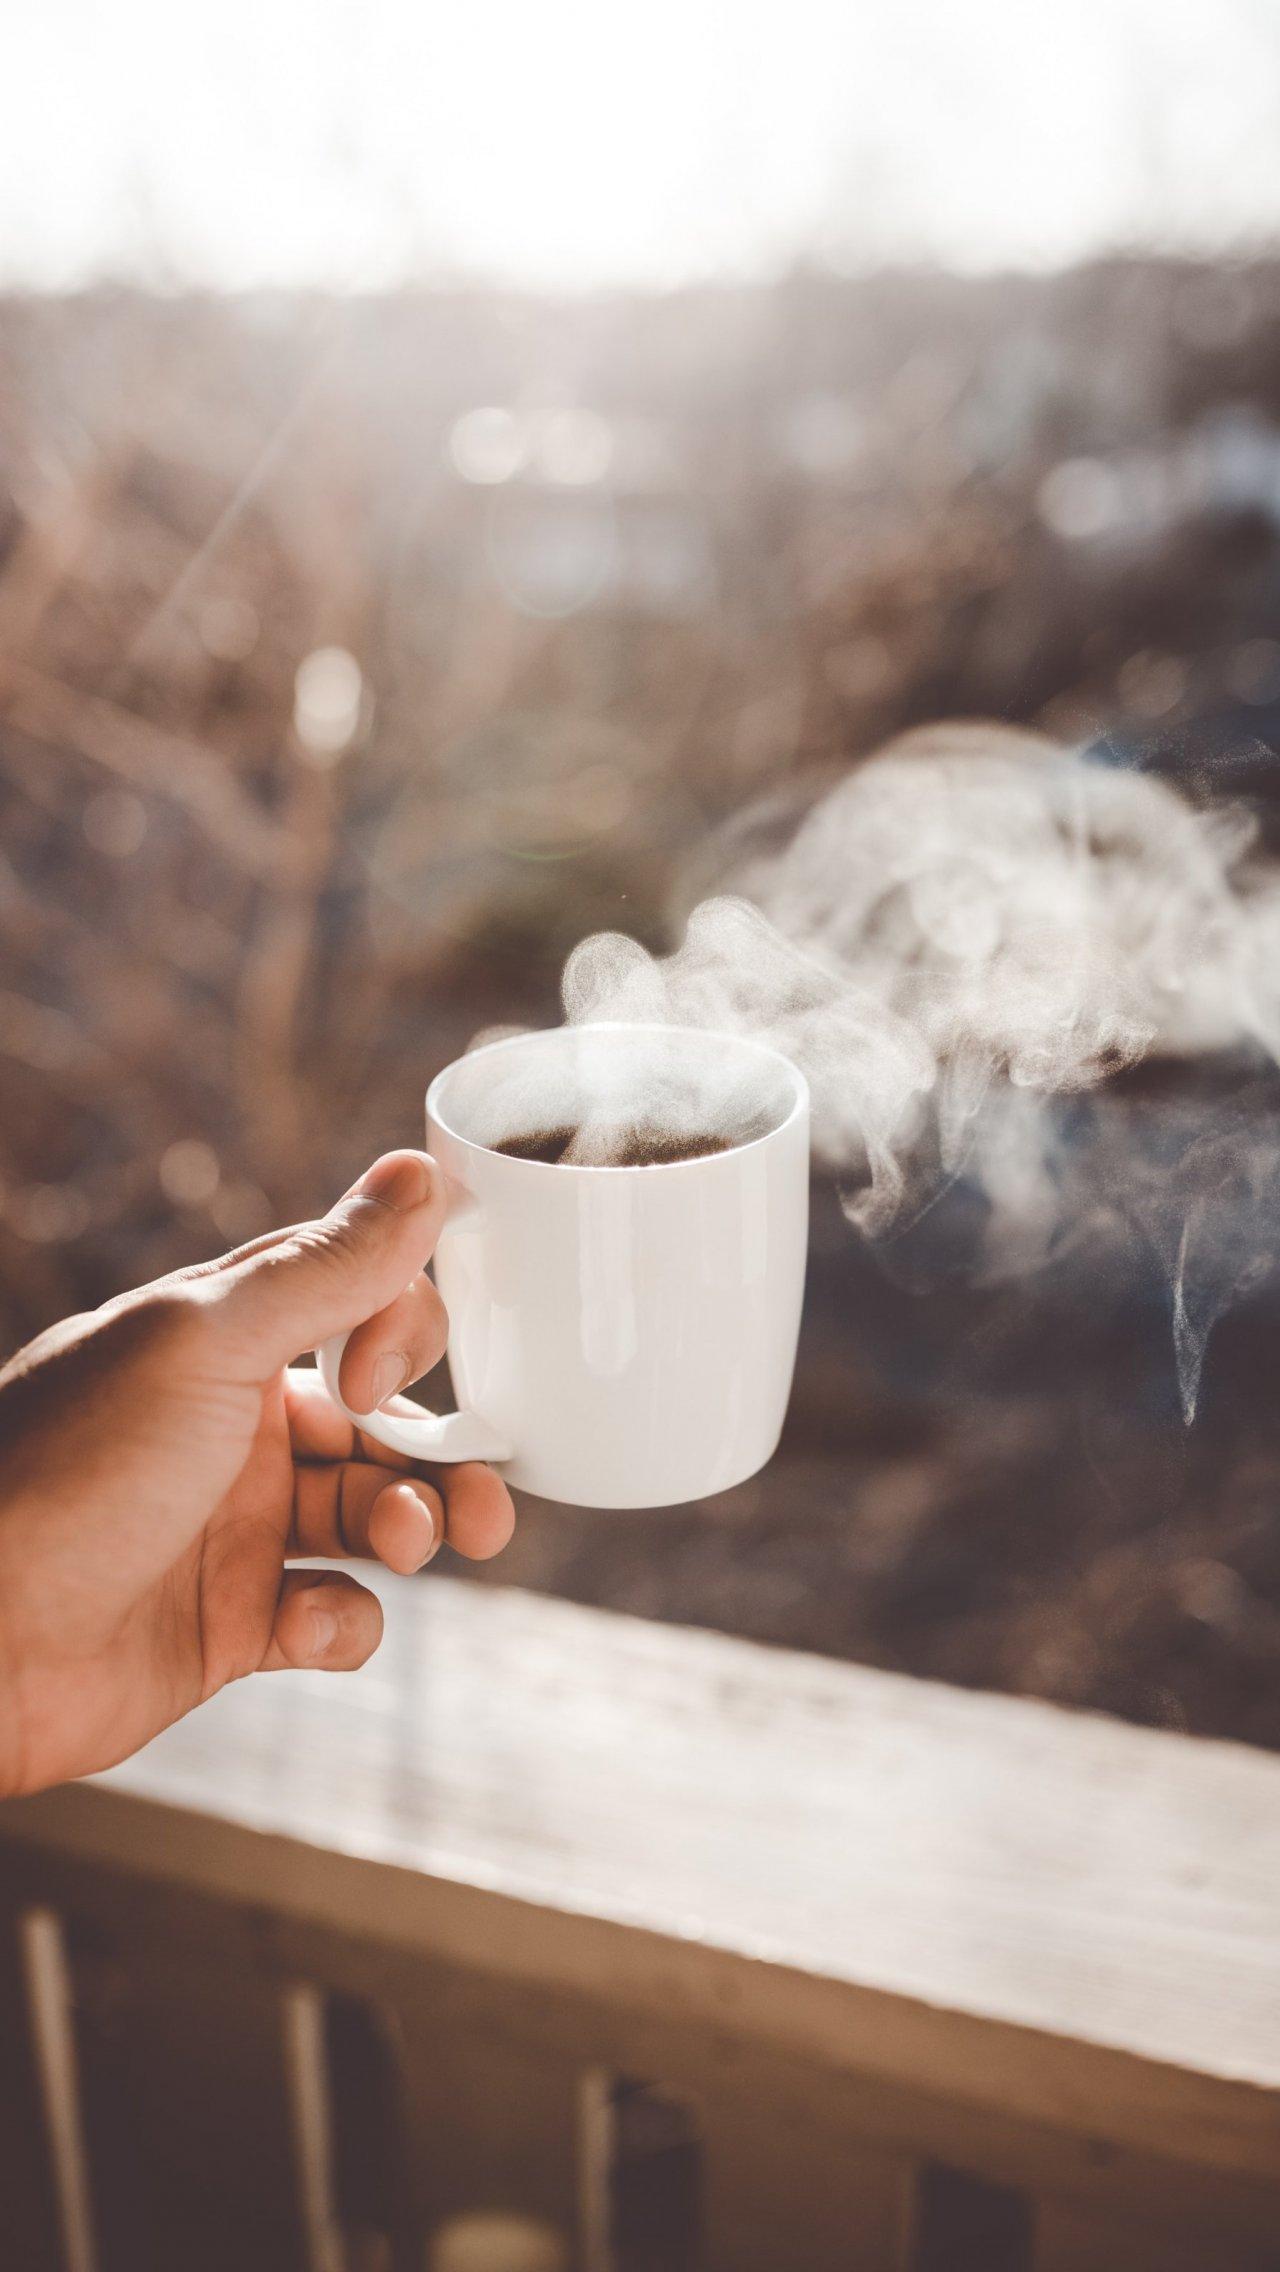 Чем отличаются виды кофе?